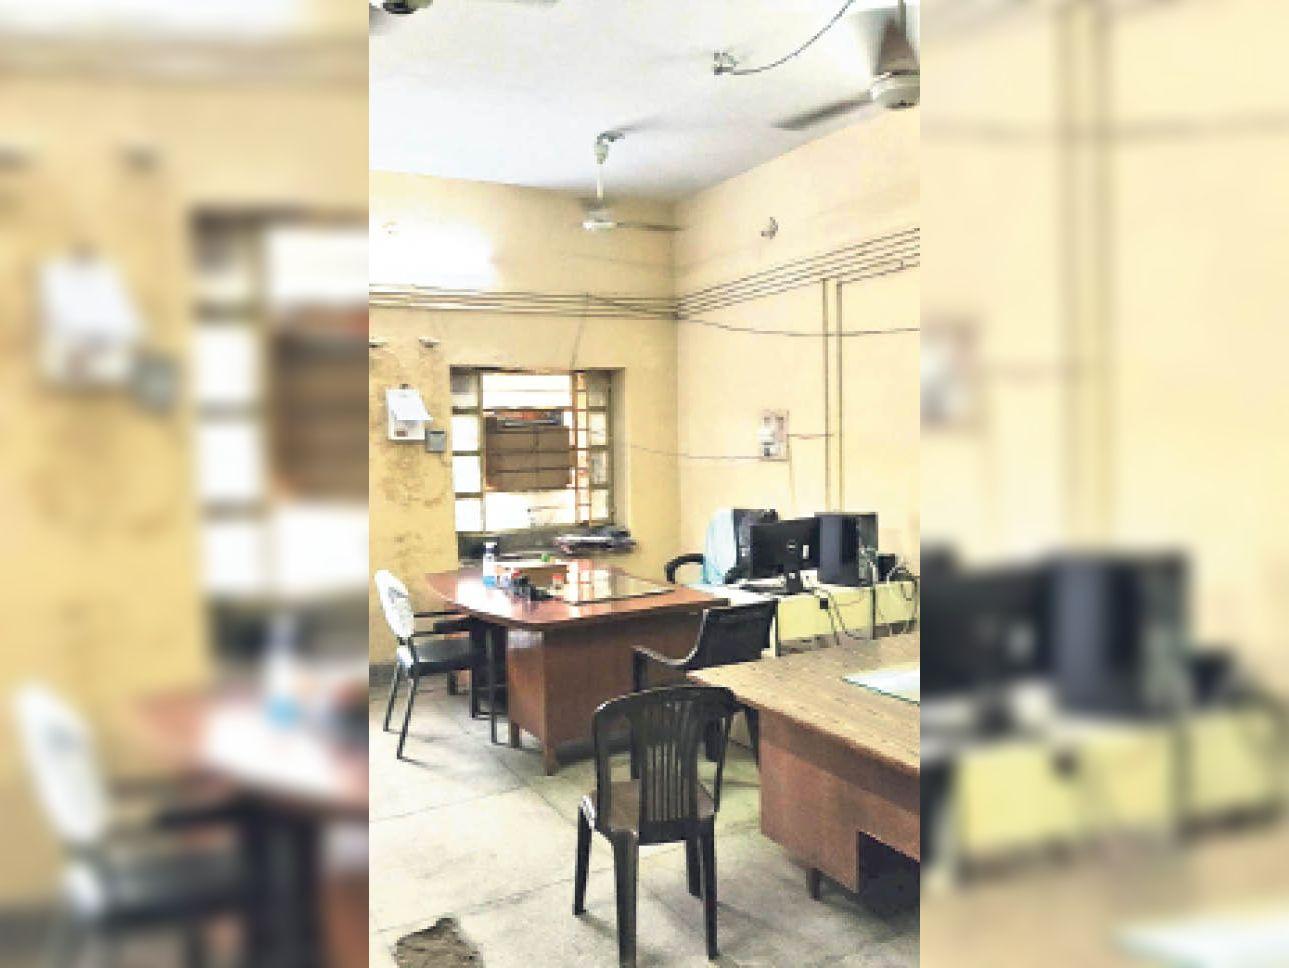 अफसर लापरवाह हैं पर आप न बनें; लंच के समय डिस्कॉम के 5 ऑफिस खाली, 20 पंखे और 35 ट्यूबलाइट जल रही थी|बांसवाड़ा,Banswara - Dainik Bhaskar